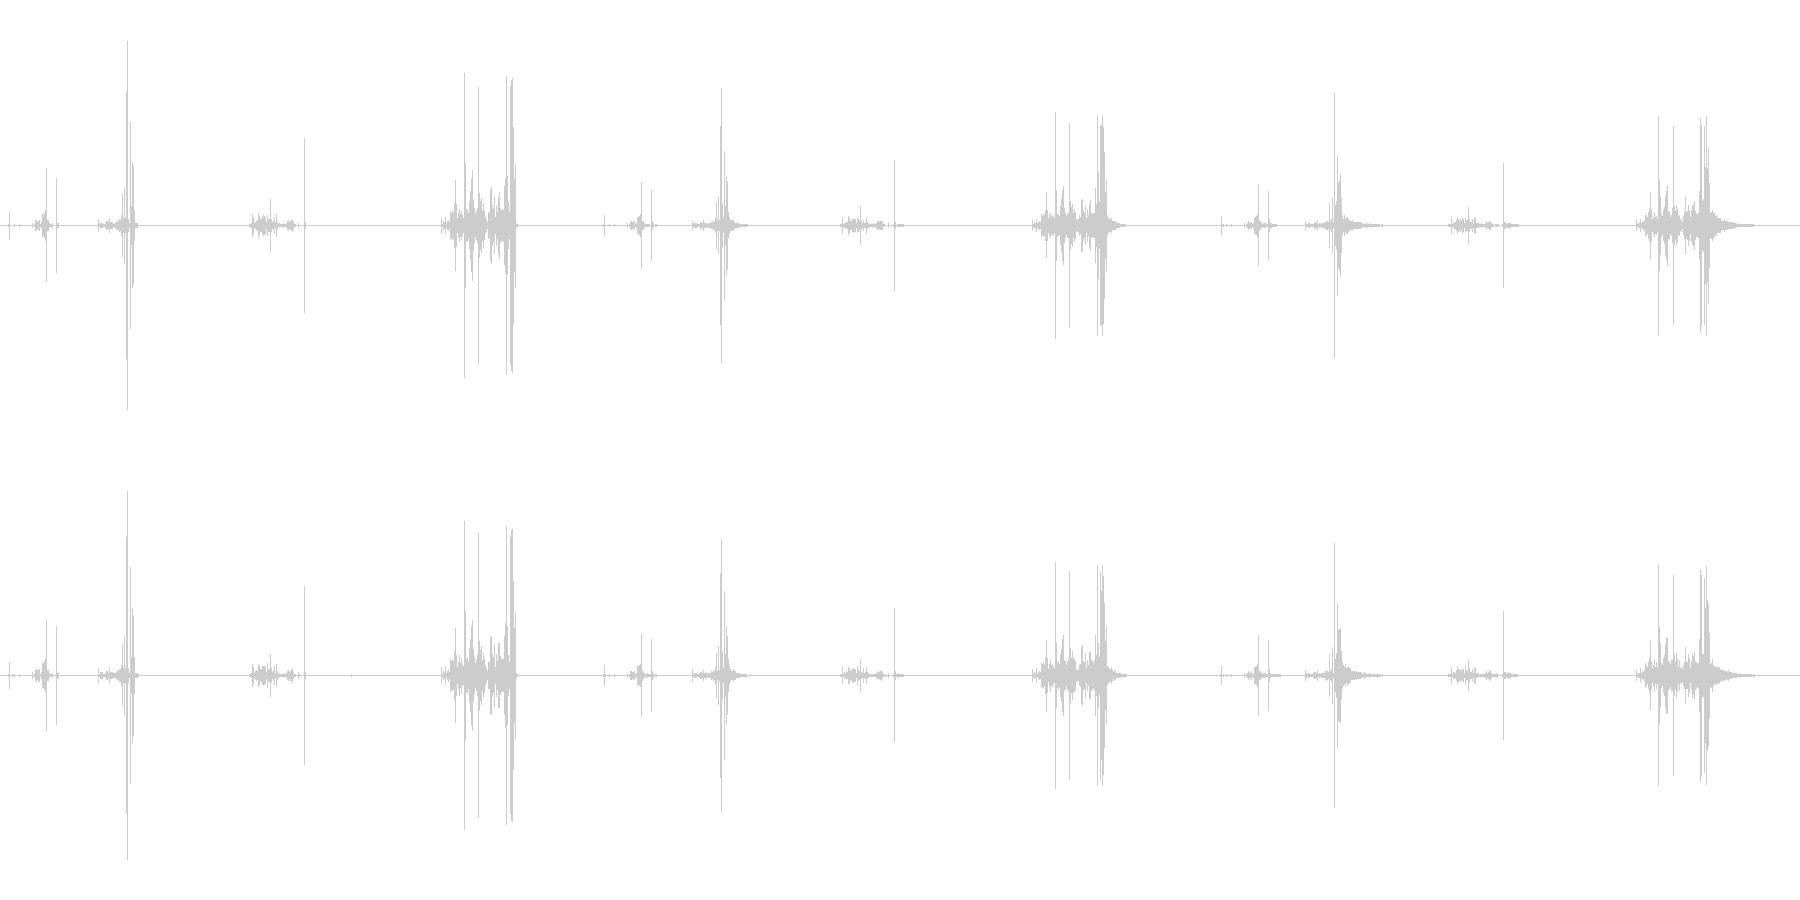 パワーコードリトラクション、2バー...の未再生の波形